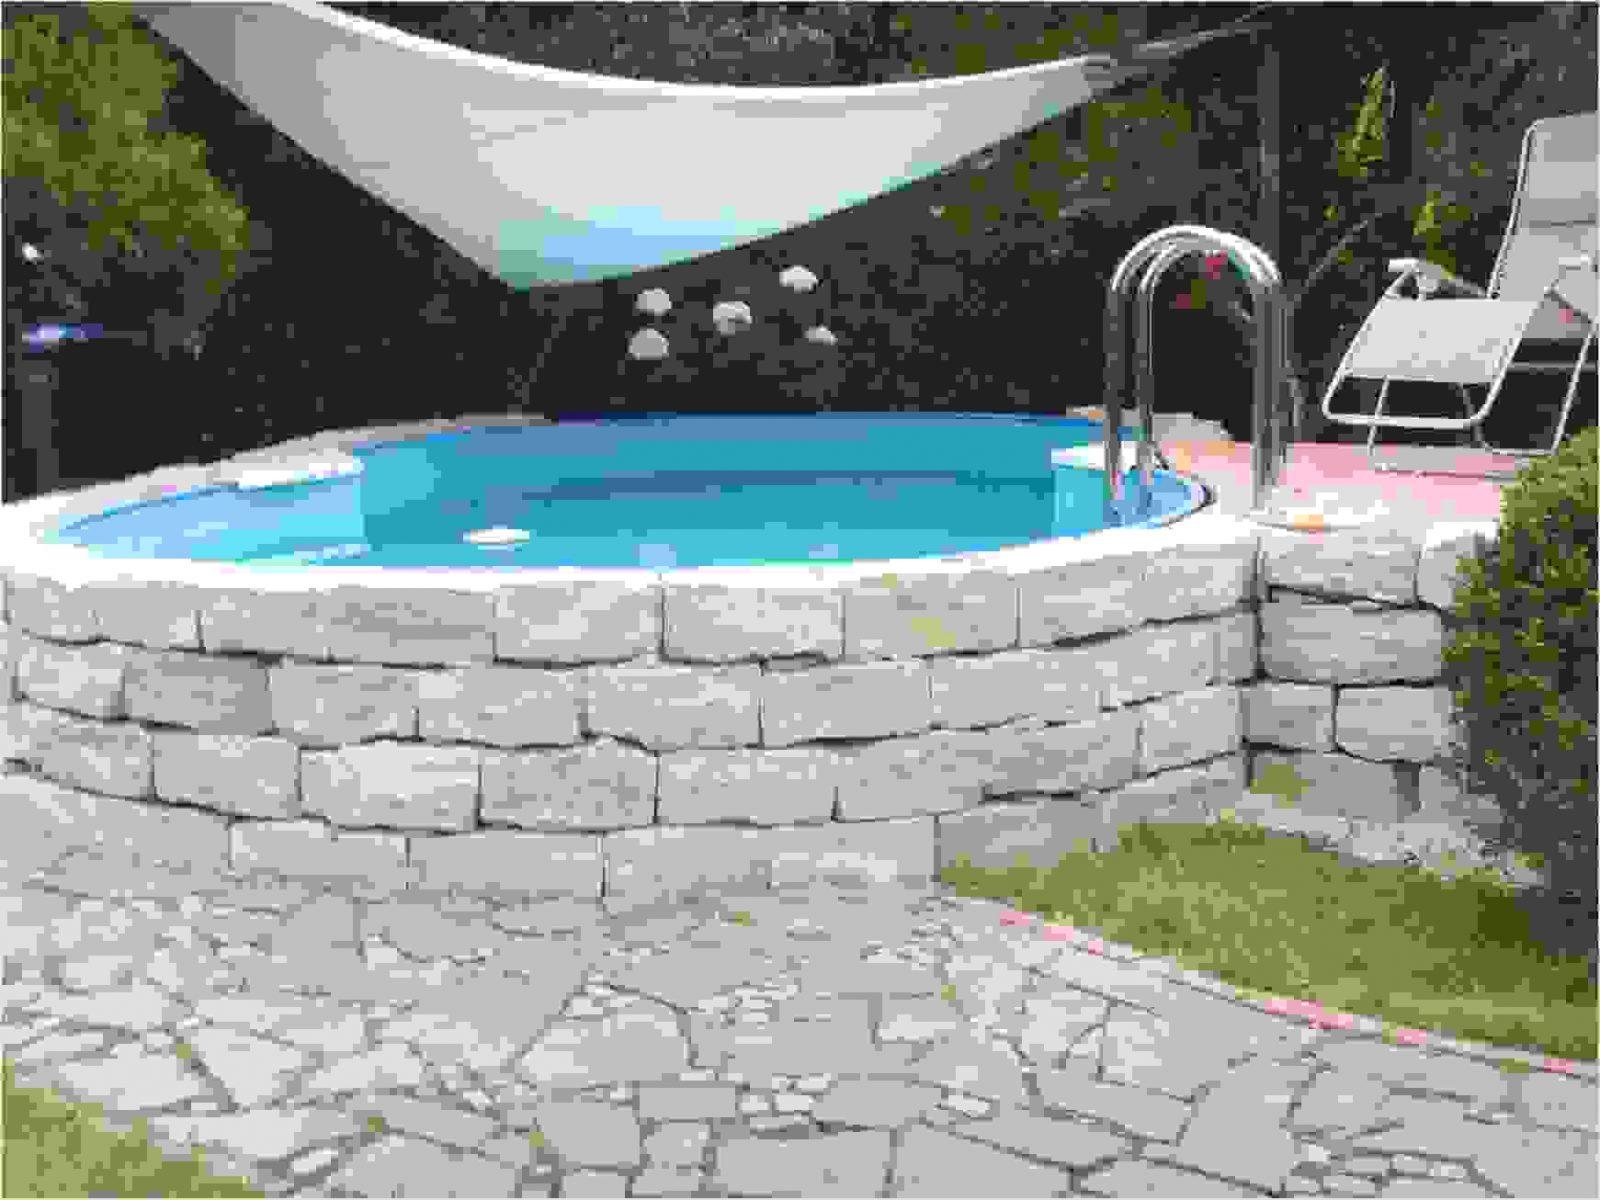 Runder Pool Im Garten Designs  Almo Drg von Runder Pool Im Garten Bild